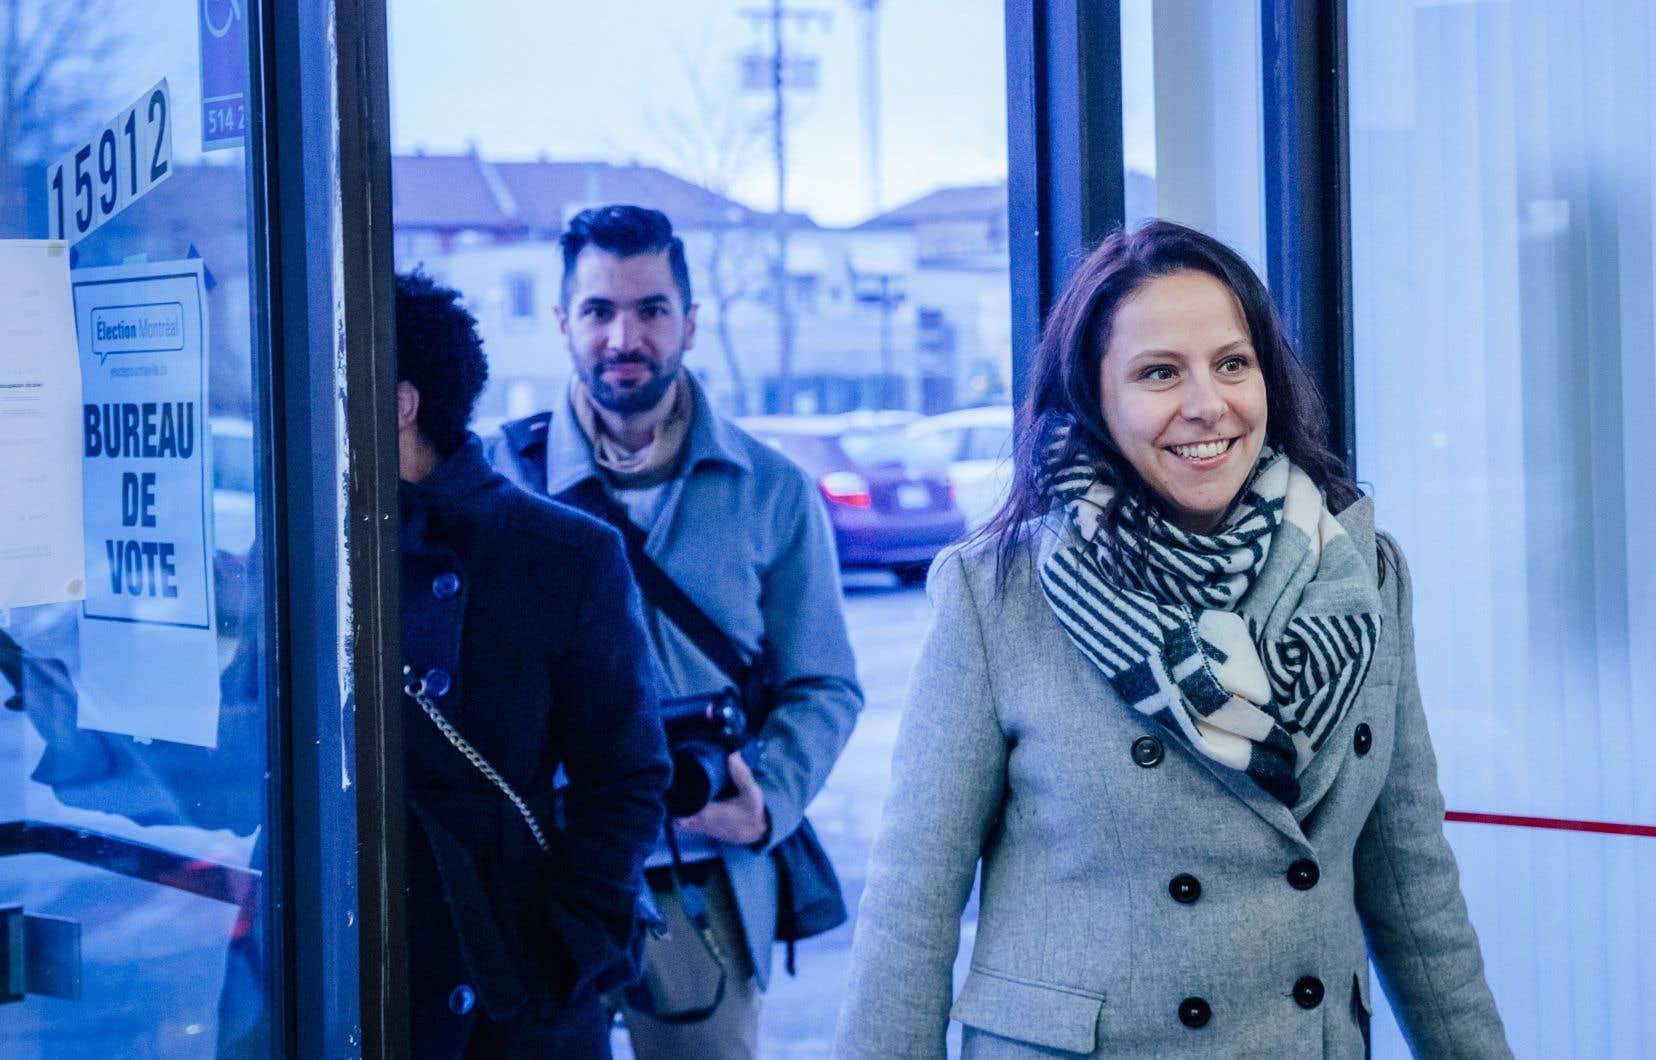 Élue à la mairie de de RDP-PAT avec Projet Montréal en décembre 2018 à l'occasion d'une élection partielle, Caroline Bourgeois avait auparavant étéconseillère du district de La-Pointe-aux-Prairies entre 2009 et 2013 avec Vision Montréal.